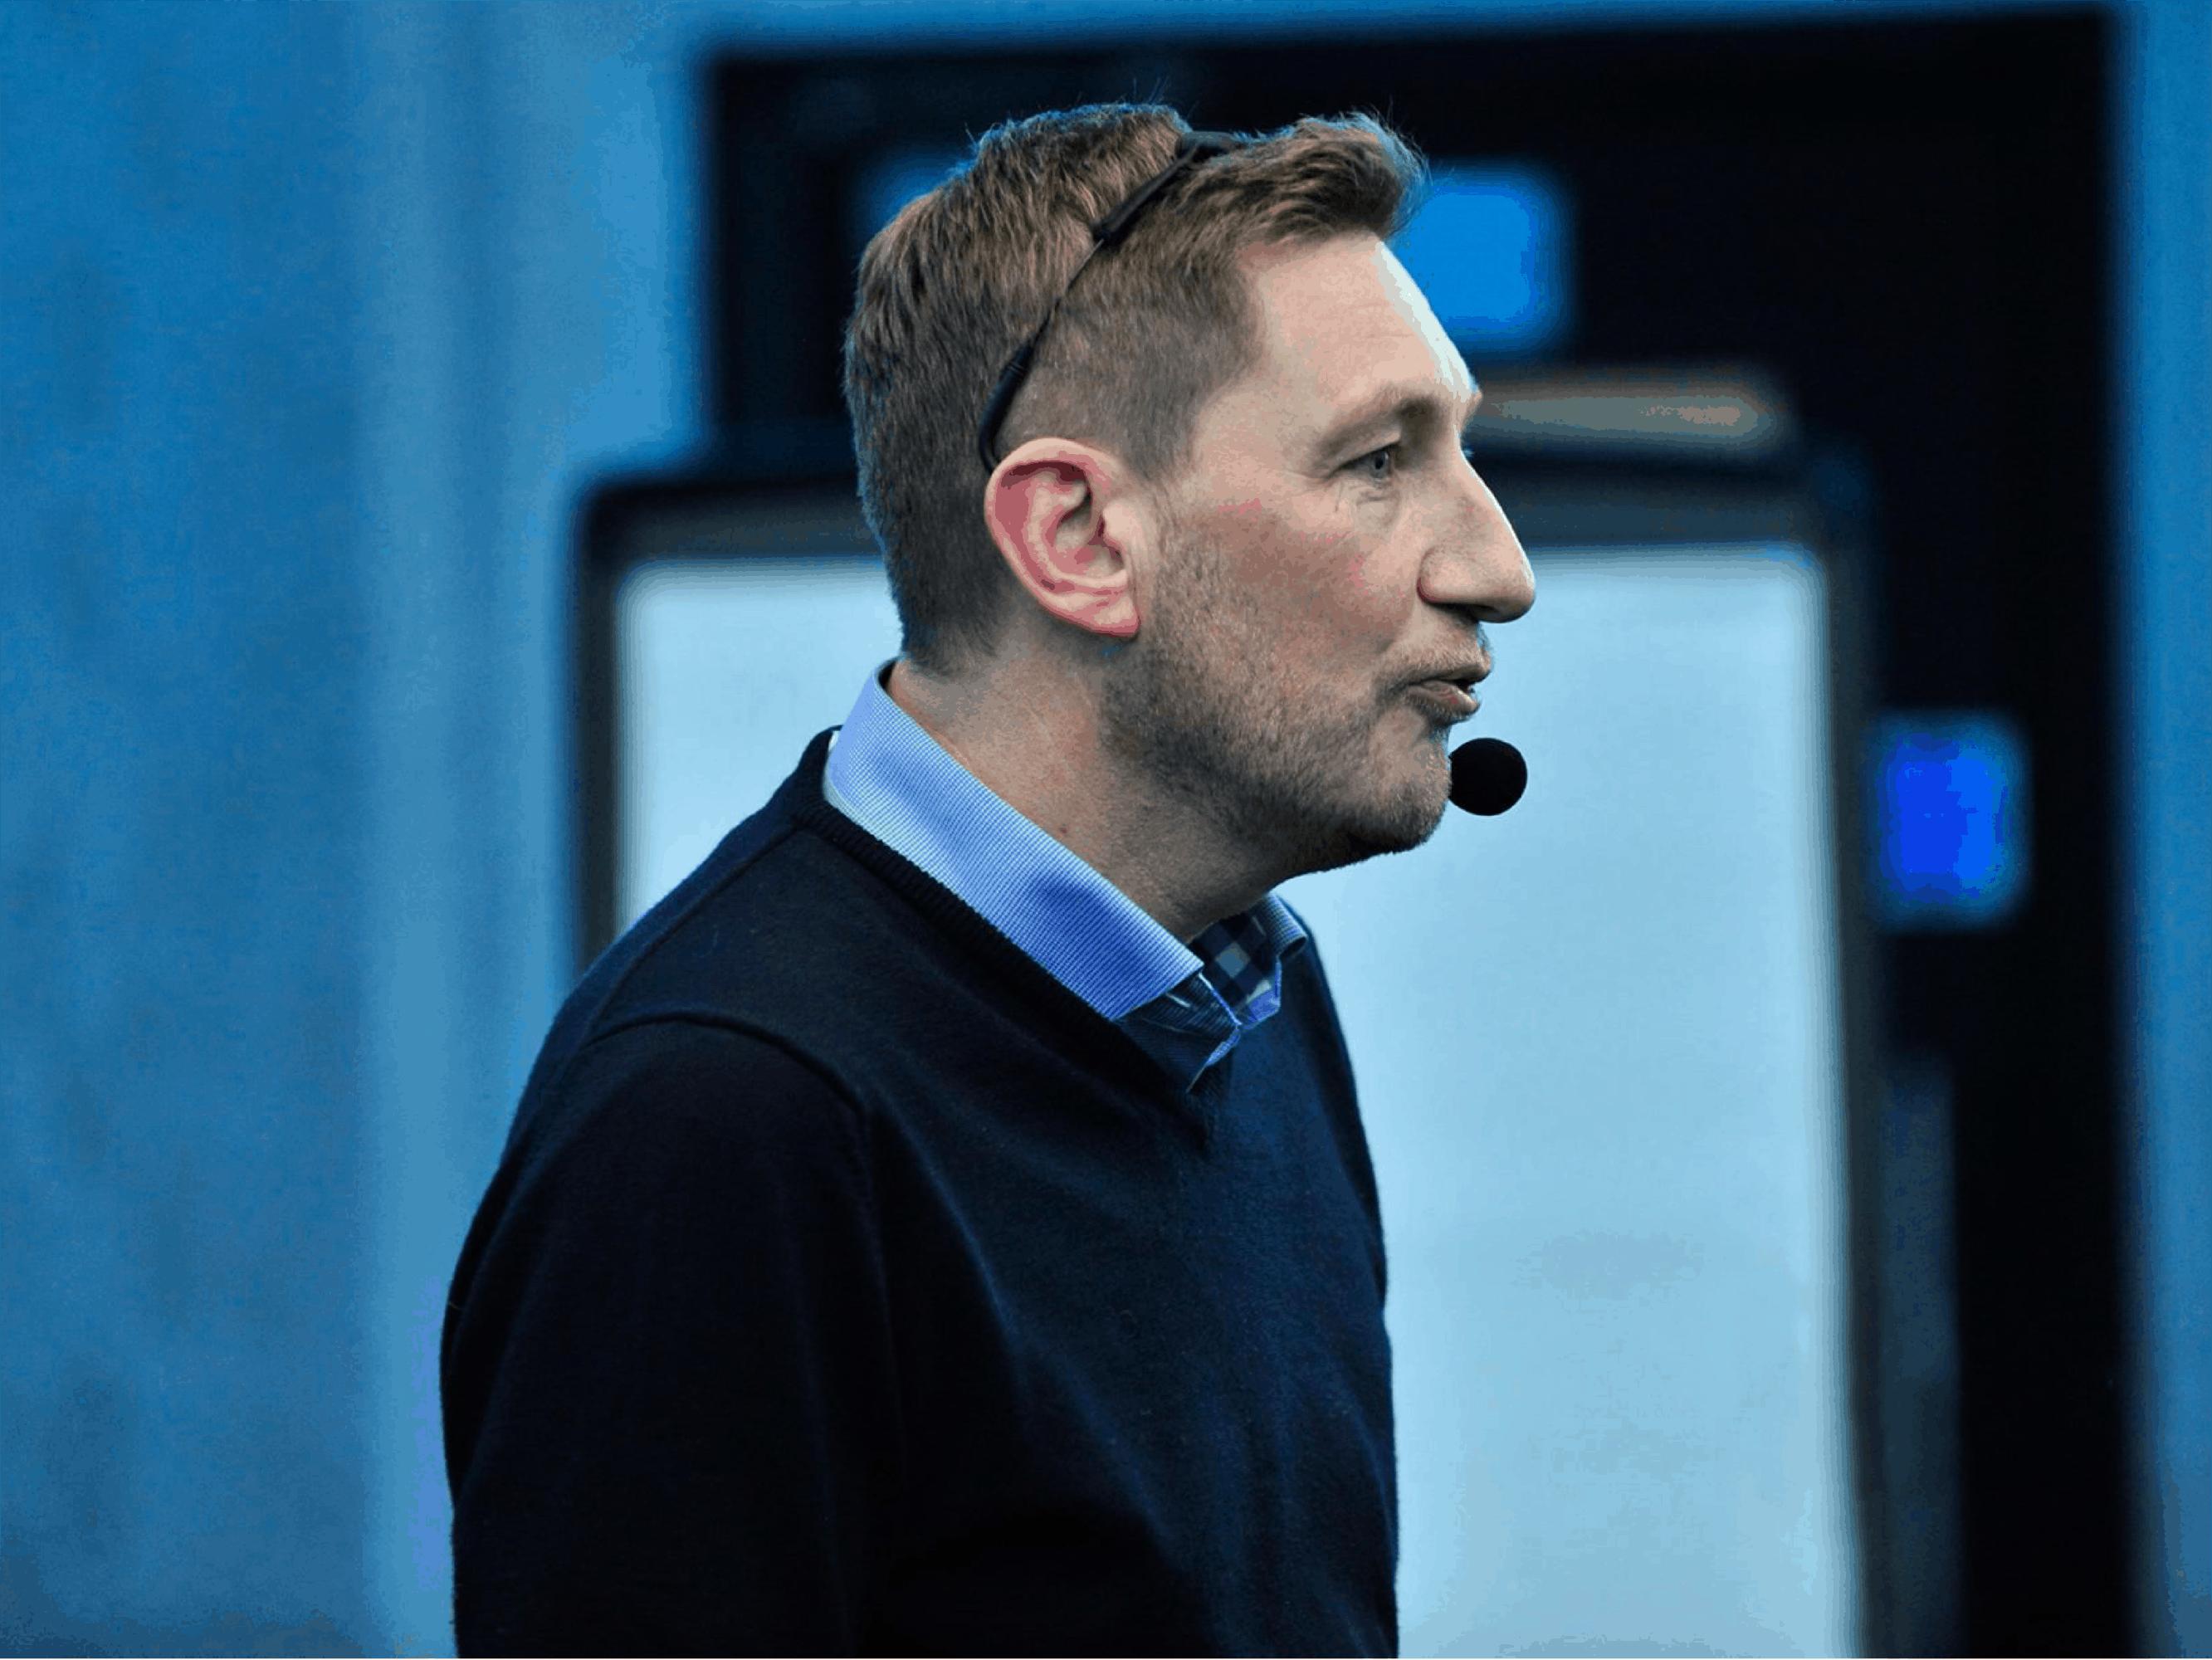 Real Estate Keynote & Event Speaker UK: Glenn Delve